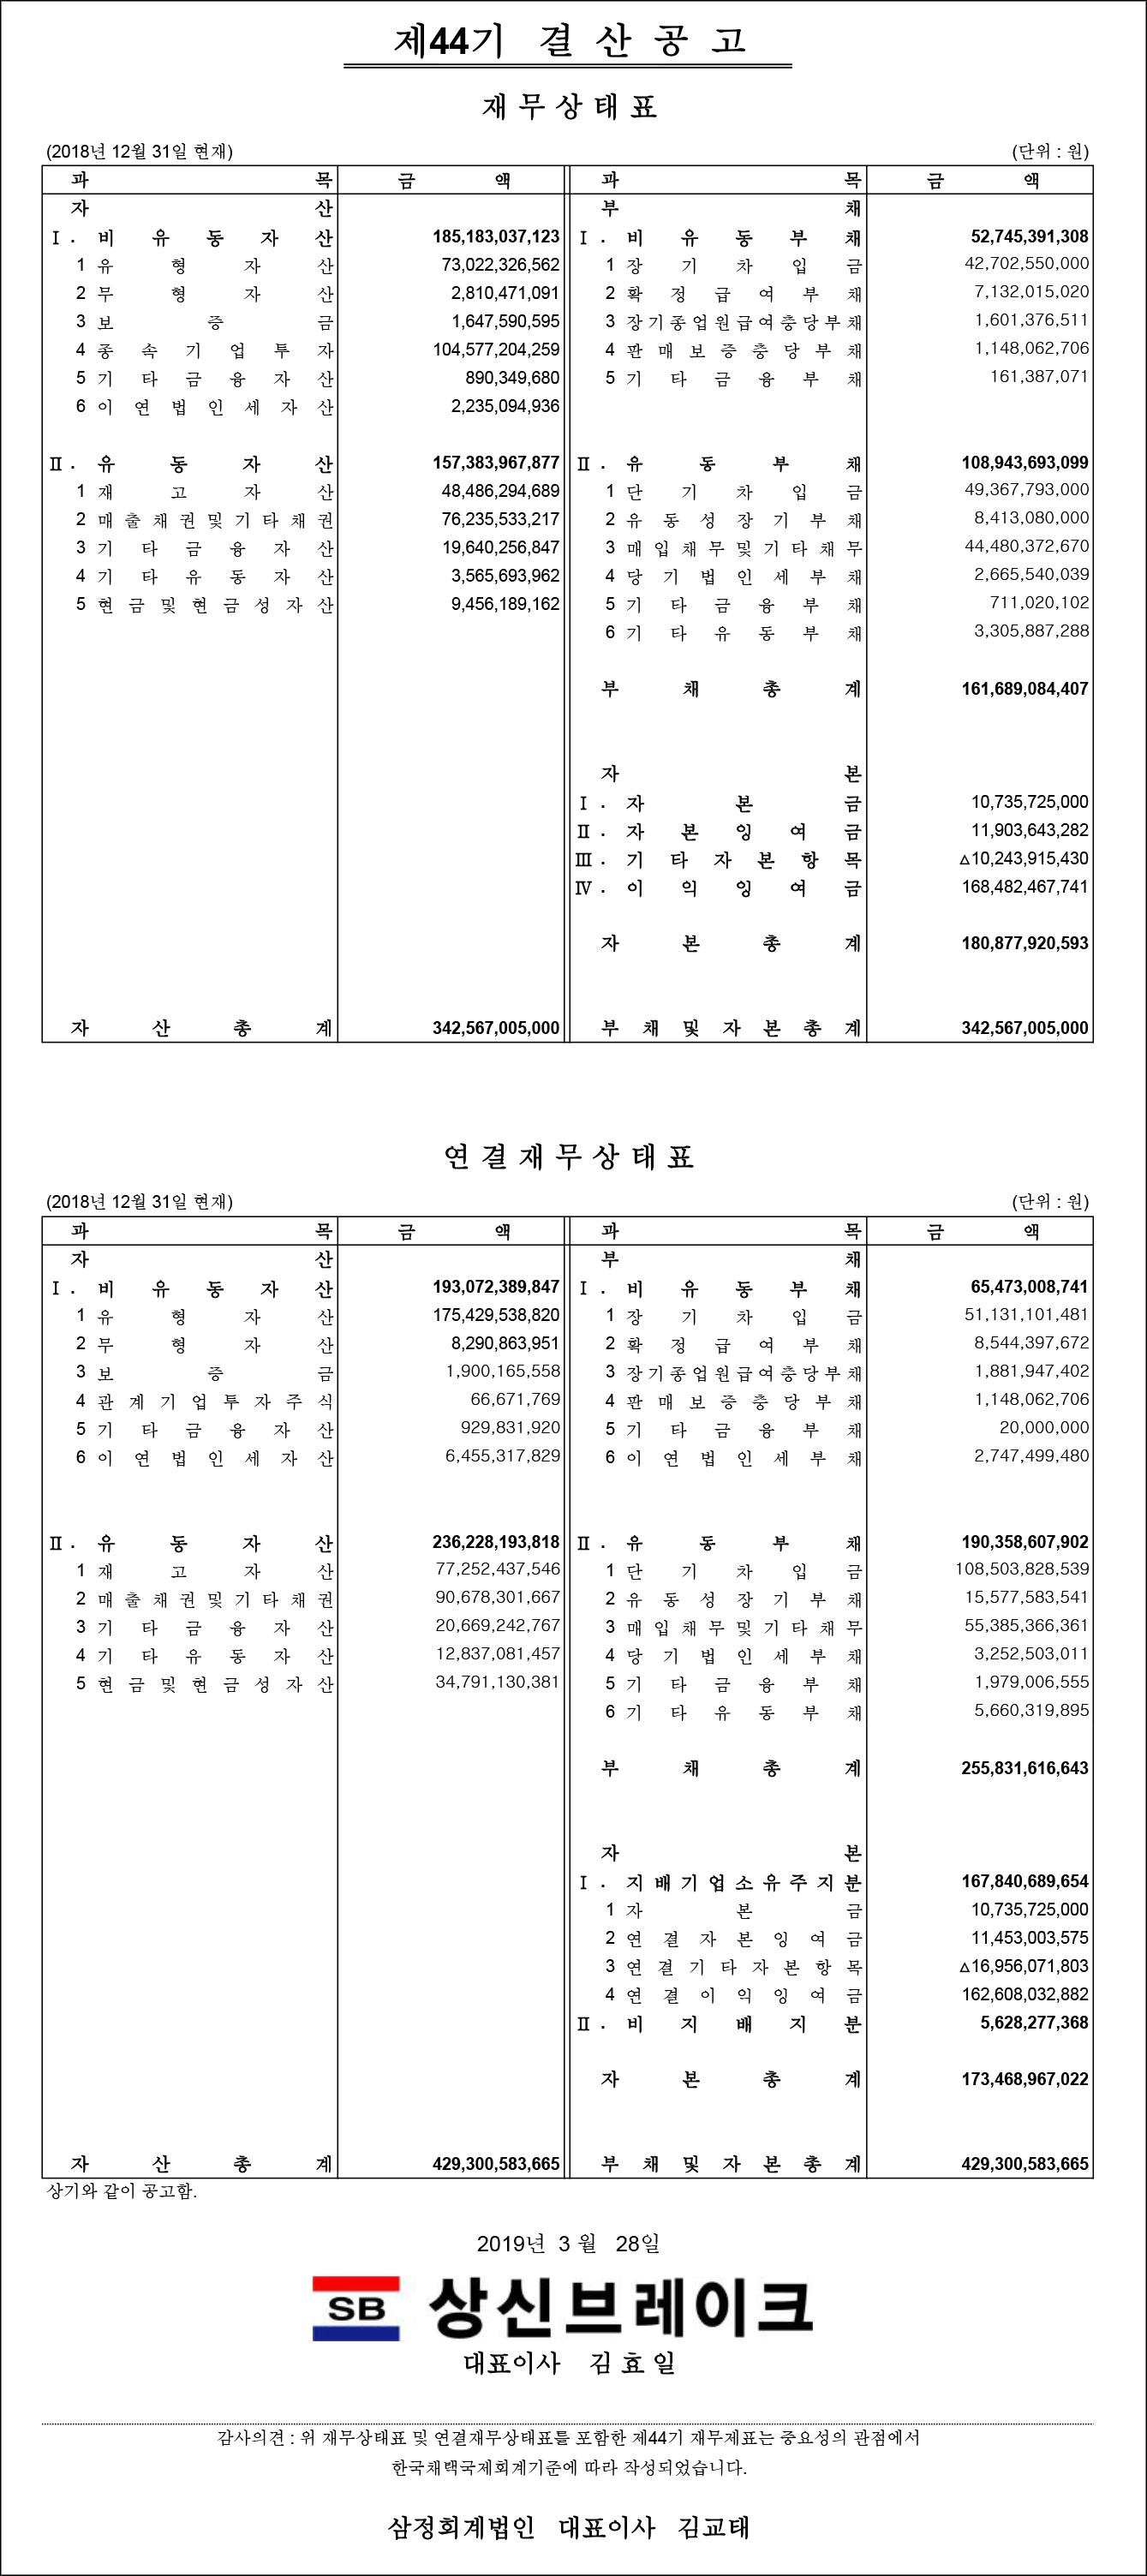 결산공고(제44기).jpg